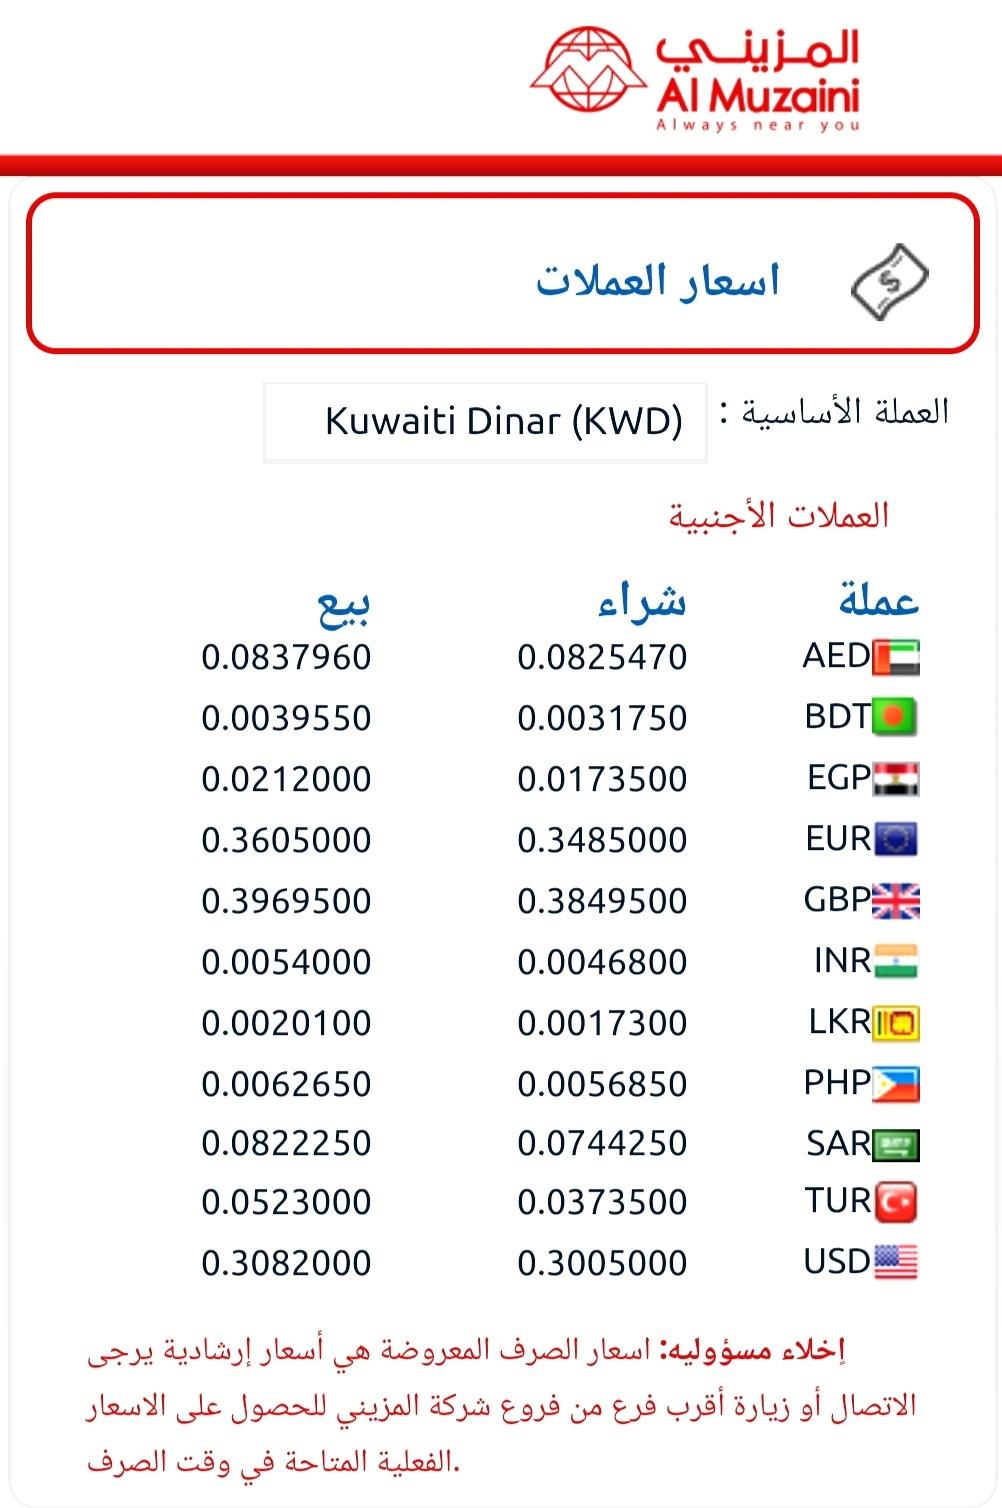 اسعار التحويل من الكويت لمصر اليوم اسعار العملات المزينى ٢٦ يوليو سعر صرف الدينار